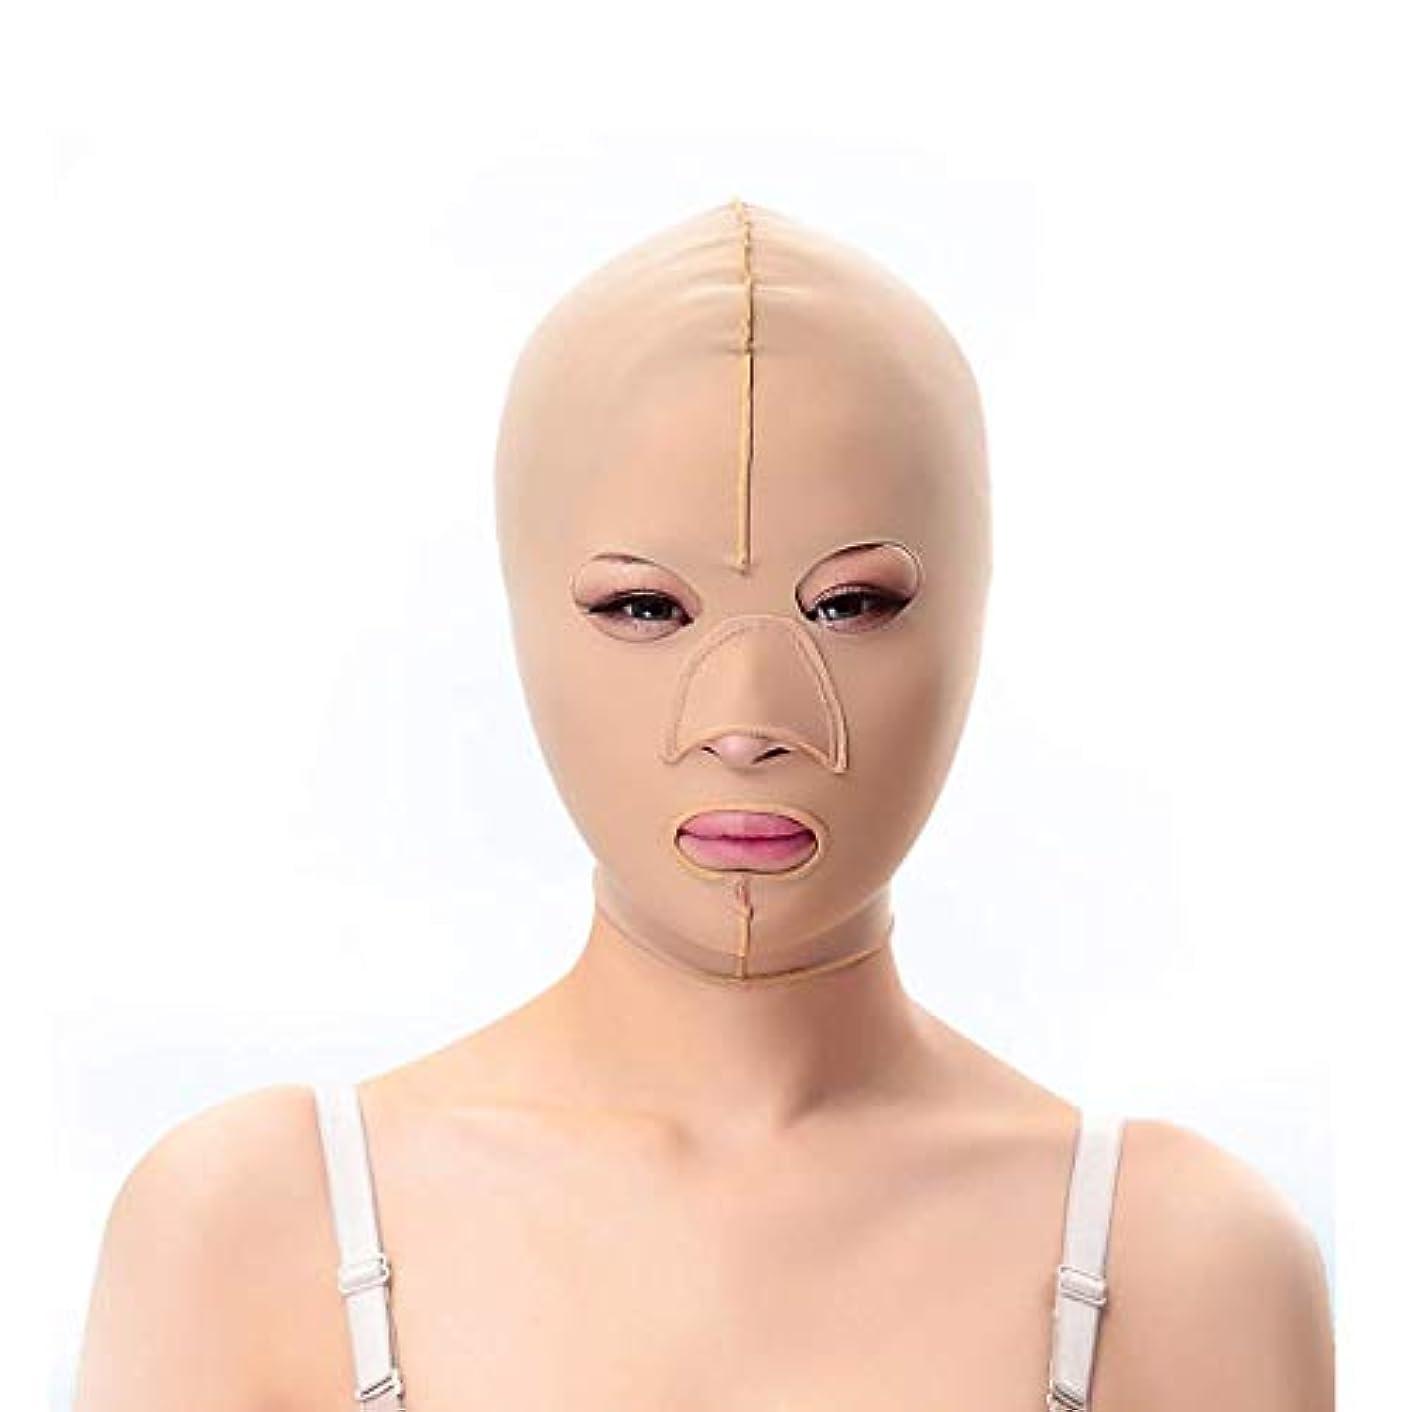 腐敗した汚物既婚スリミングベルト、二重あごの引き締め顔のプラスチックフェイスアーティファクト強力なフェイス包帯を脇に持ち上げるパターンを欺くためのフェイシャルマスクシンフェイスマスク(サイズ:L),M